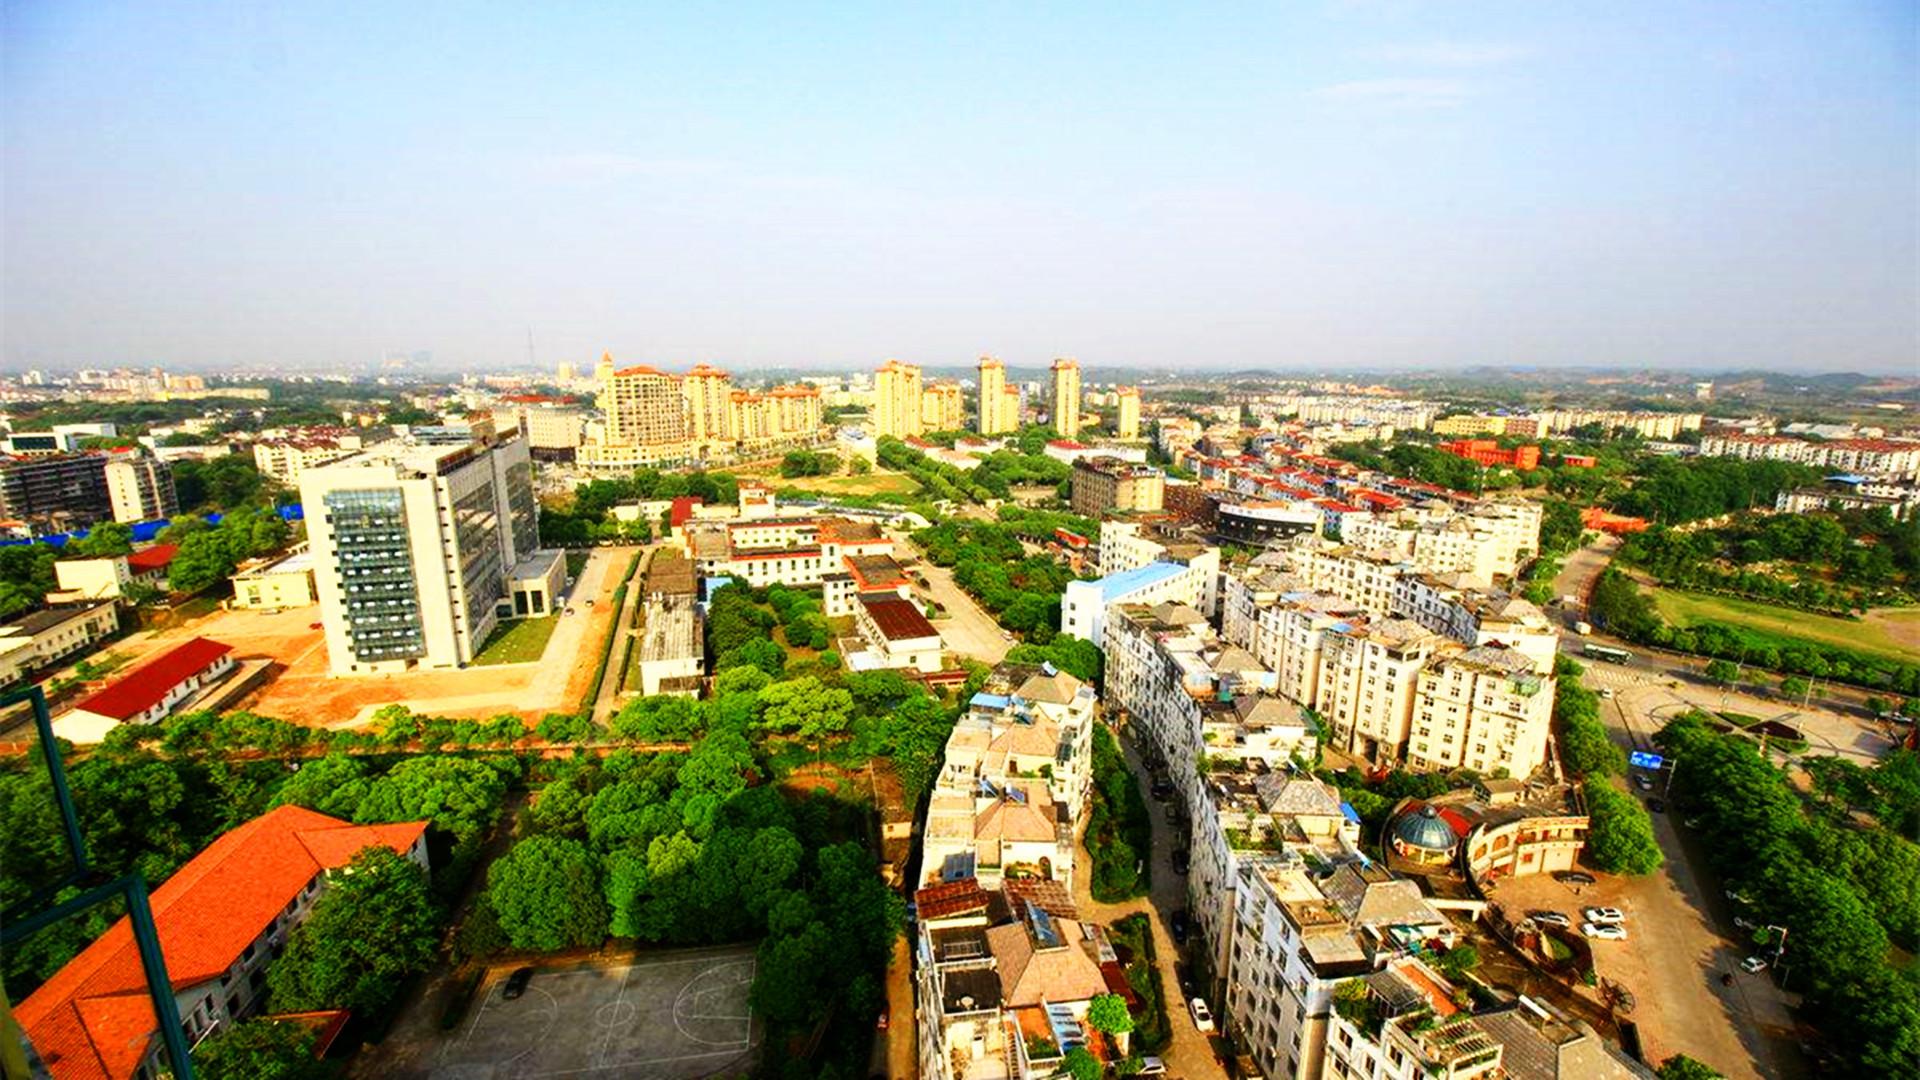 江西第二小市,比萍乡还小,相当于0.2个九江,名气可敌南昌